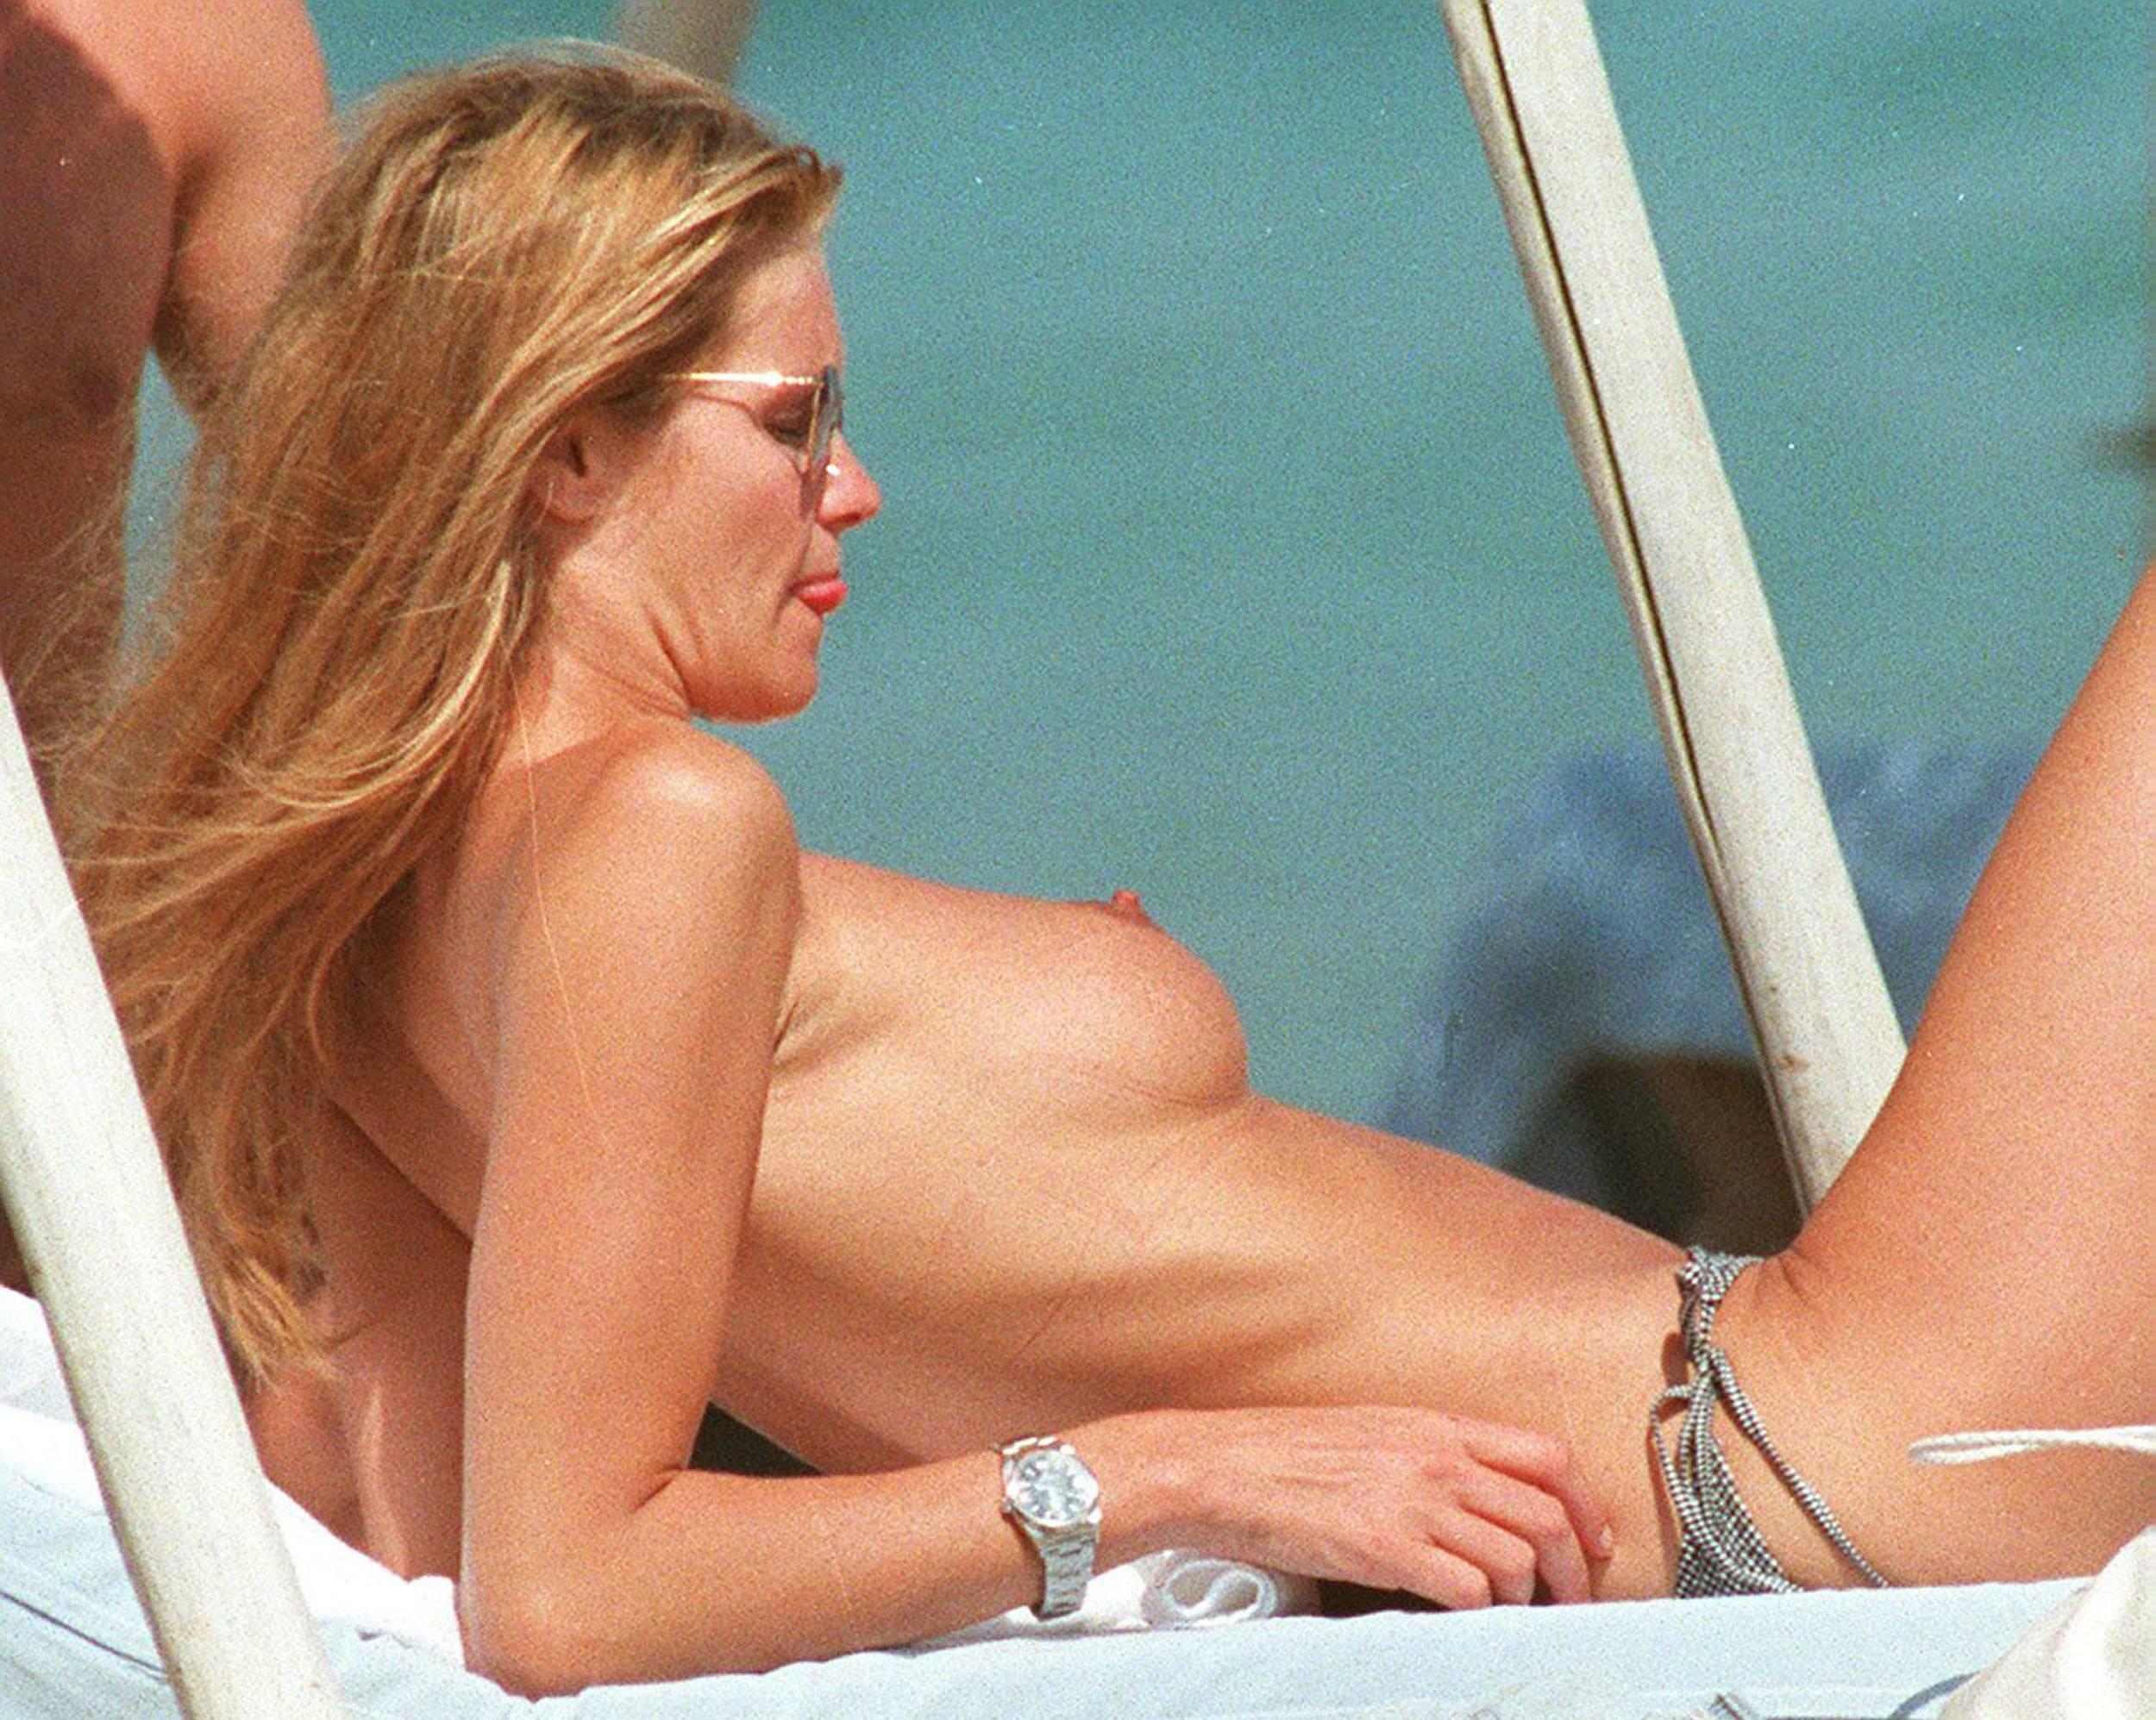 Обнаженная порно модель Эль Макферсон смотреть онлайн 3 фото